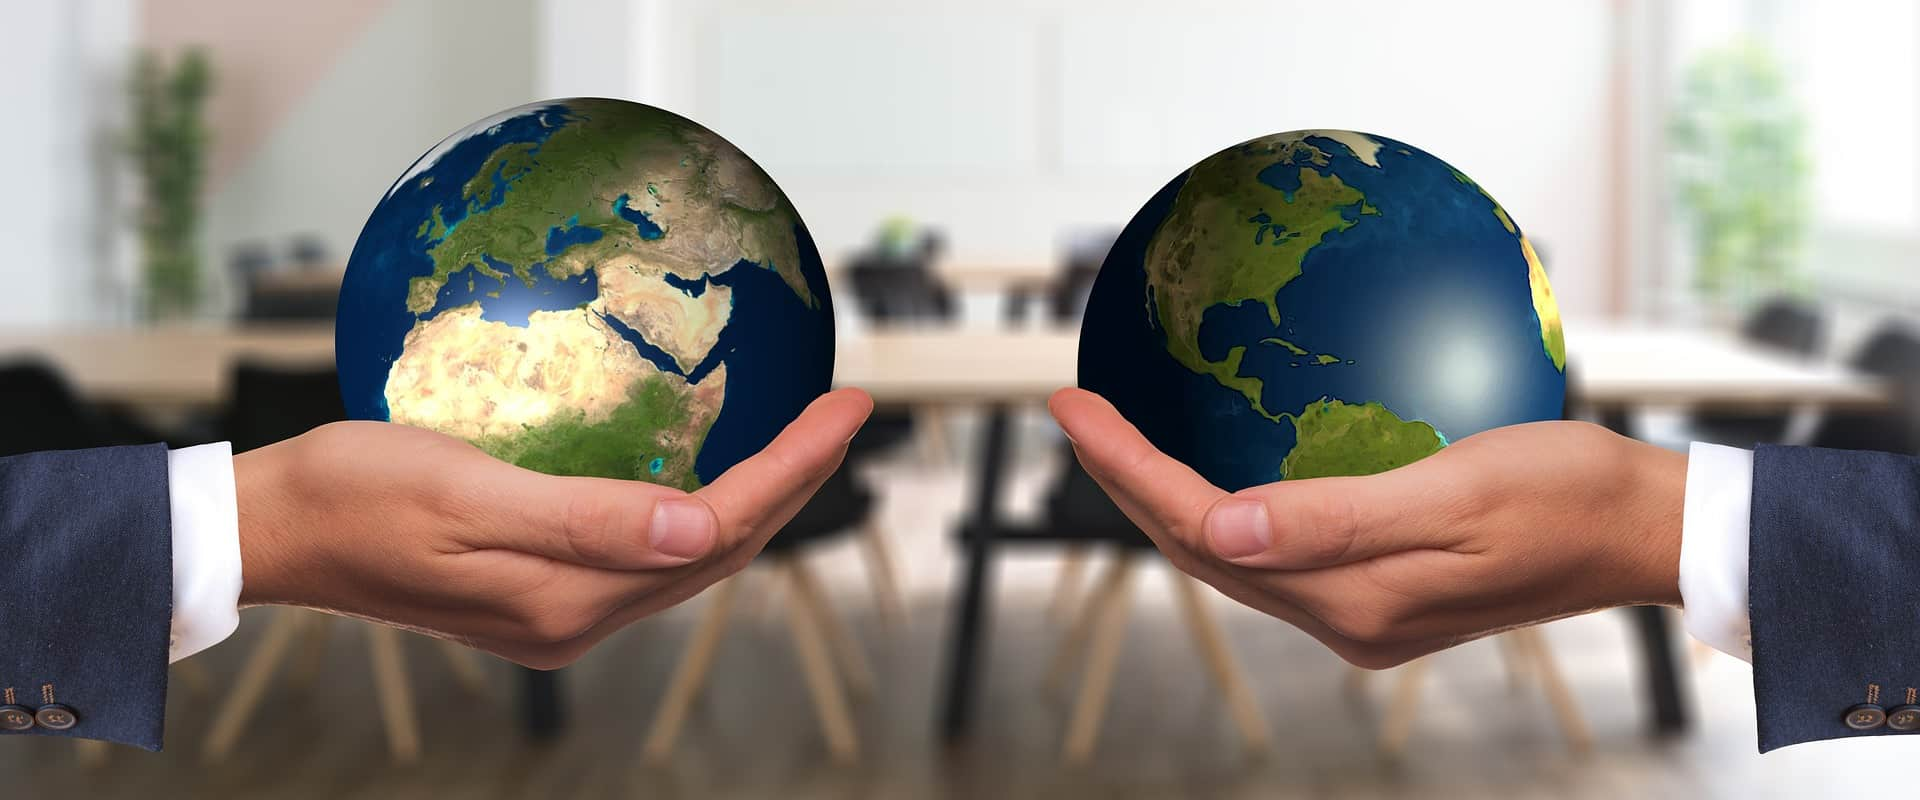 Anche a parità di condizioni, ogni persona ha una differente percezione della sostenibilità